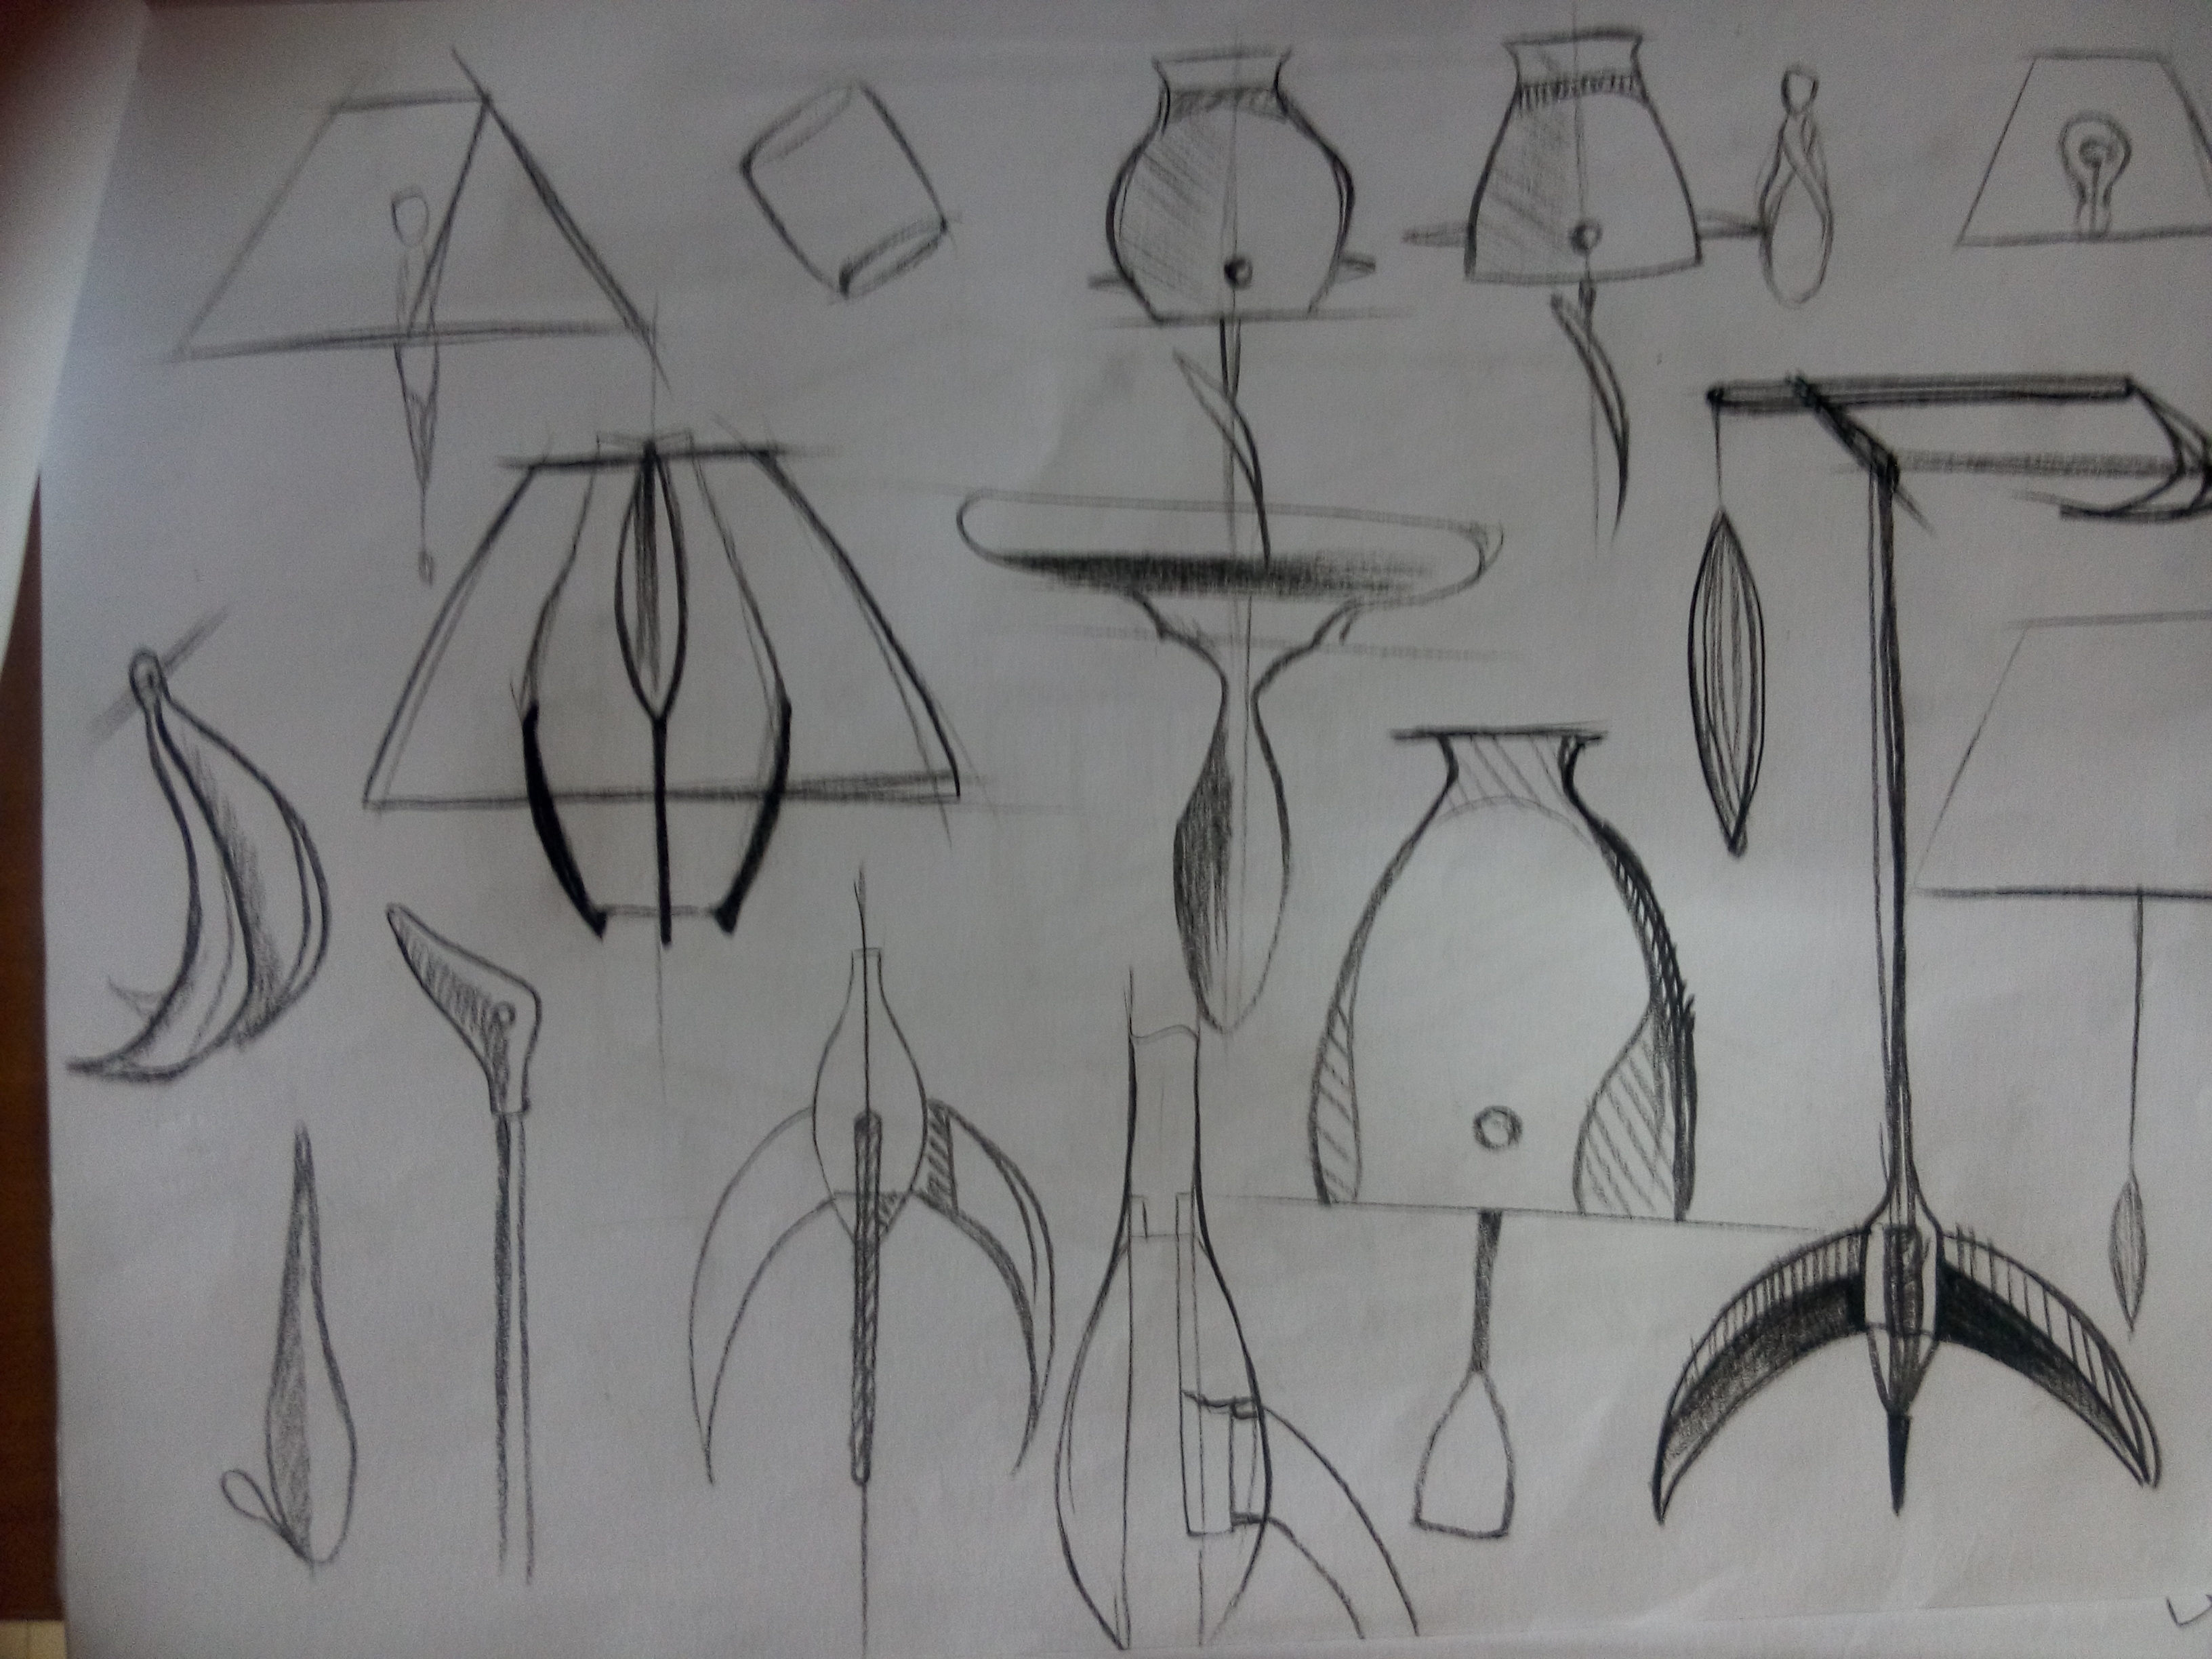 产品设计草图手绘练习1